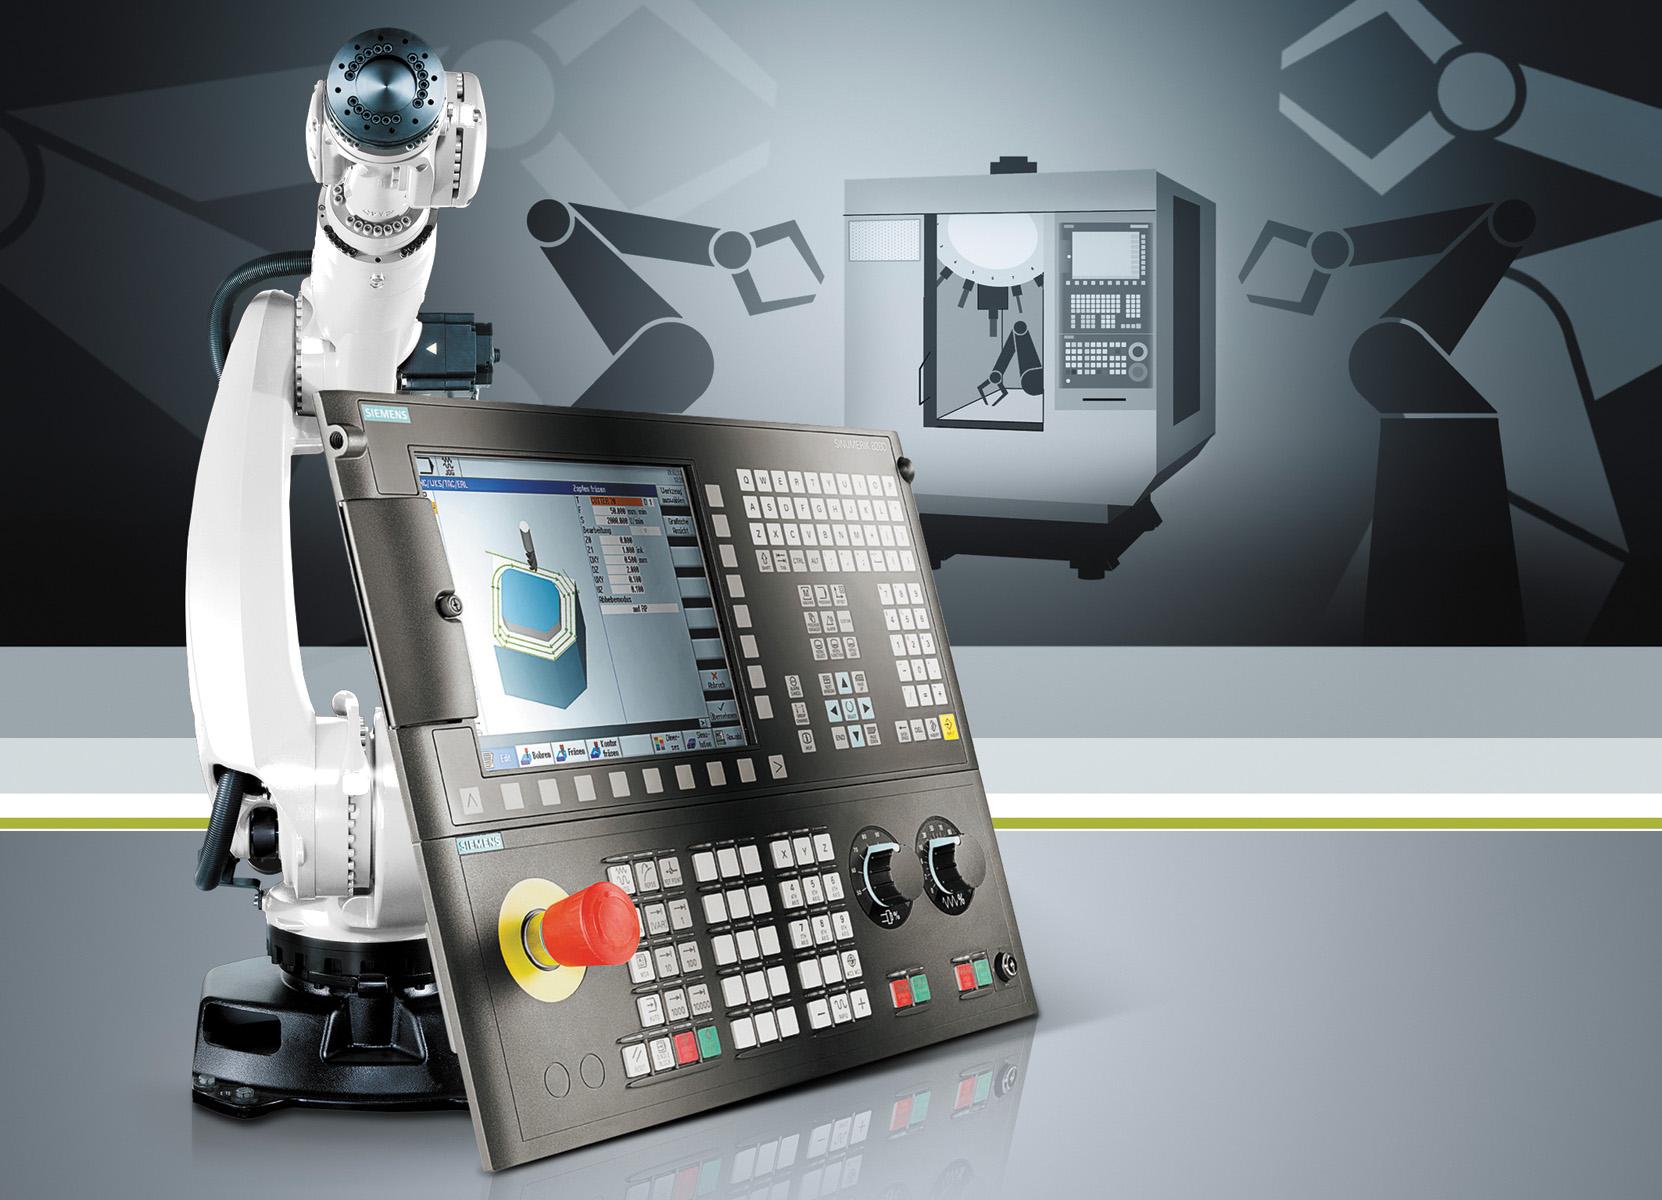 Sinumerik 828D и 840D sl от компании Siemens позволяют роботам легко подключаться к станкам для автоматизированных производственных ячеек